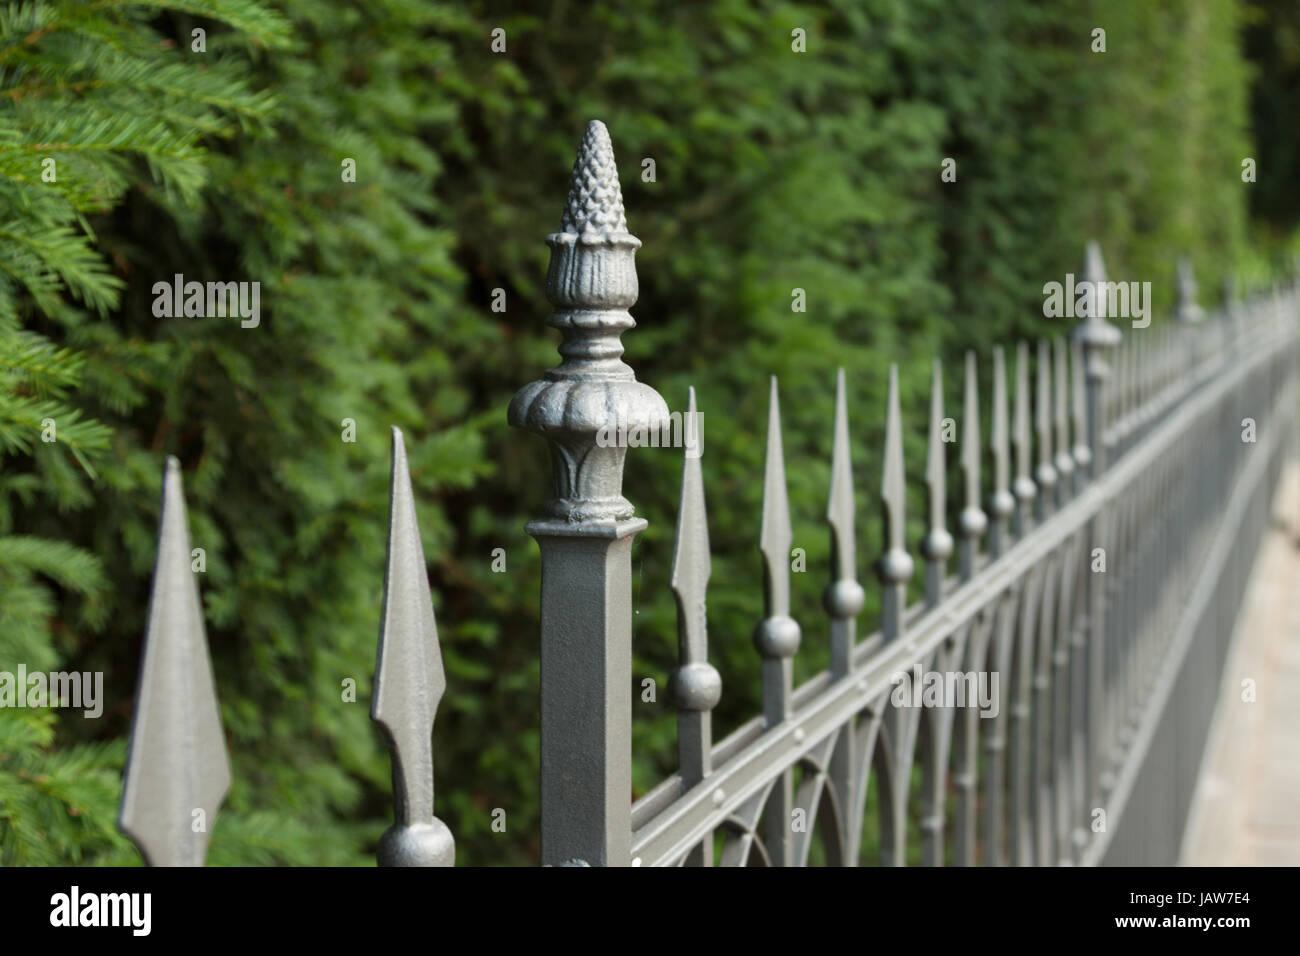 Zaun Details Stock Photos Zaun Details Stock Images Alamy